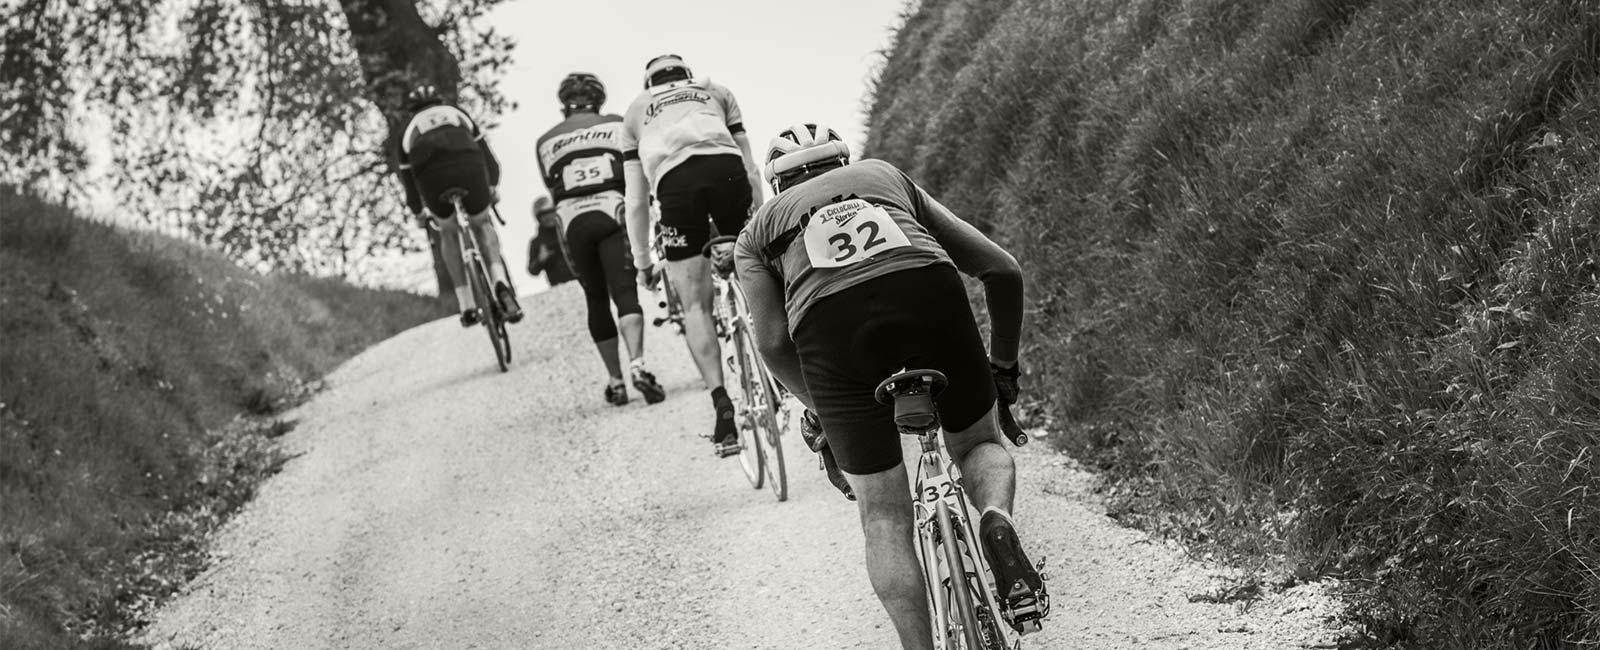 CicloColli Storica cicloturistica con bici storiche e gravel bike a Tolentino - Macerata